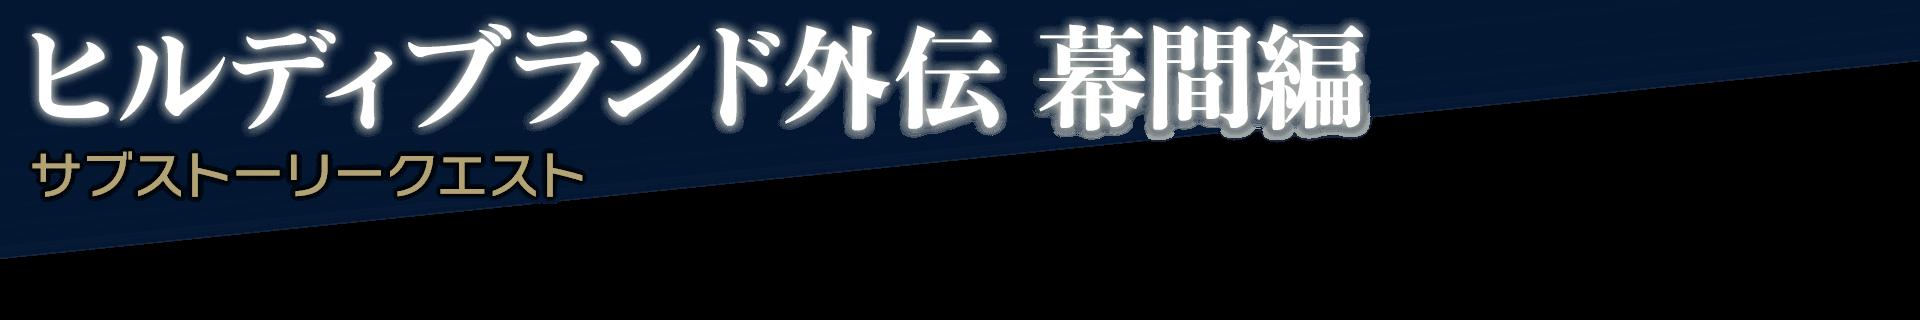 ヒルディブランド外伝 幕間編 サブストーリークエスト